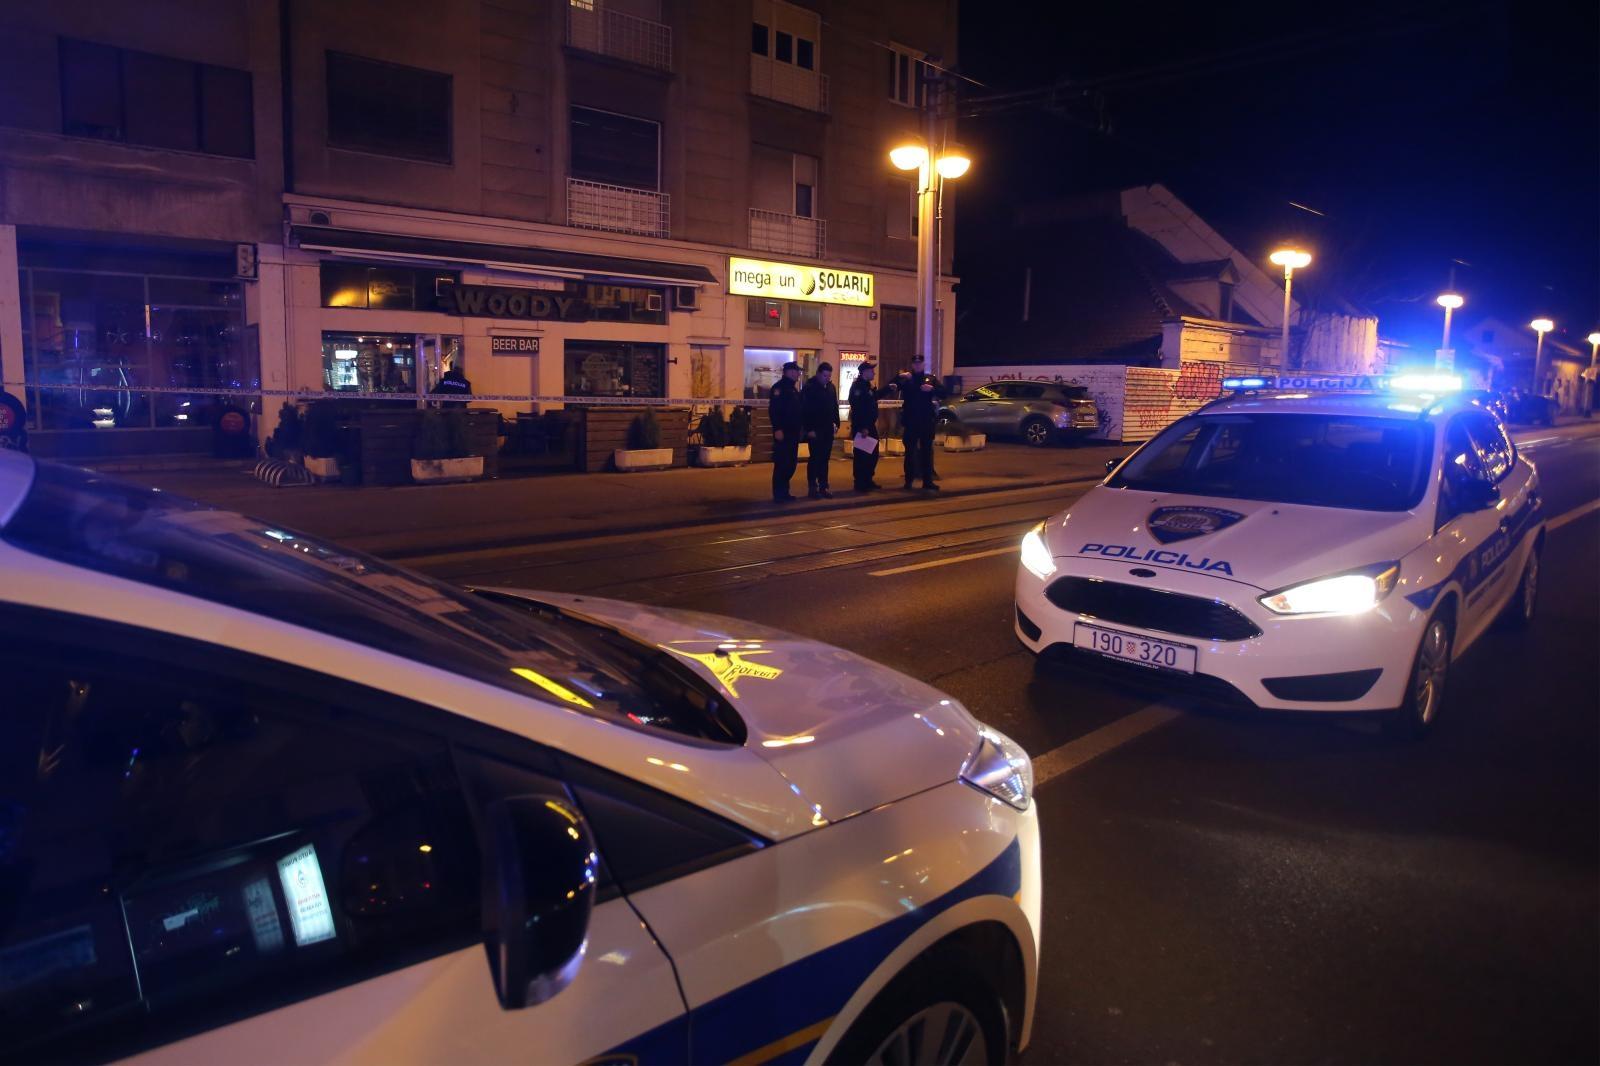 Dvoje ljudi izbodeno nožem u Zagrebu